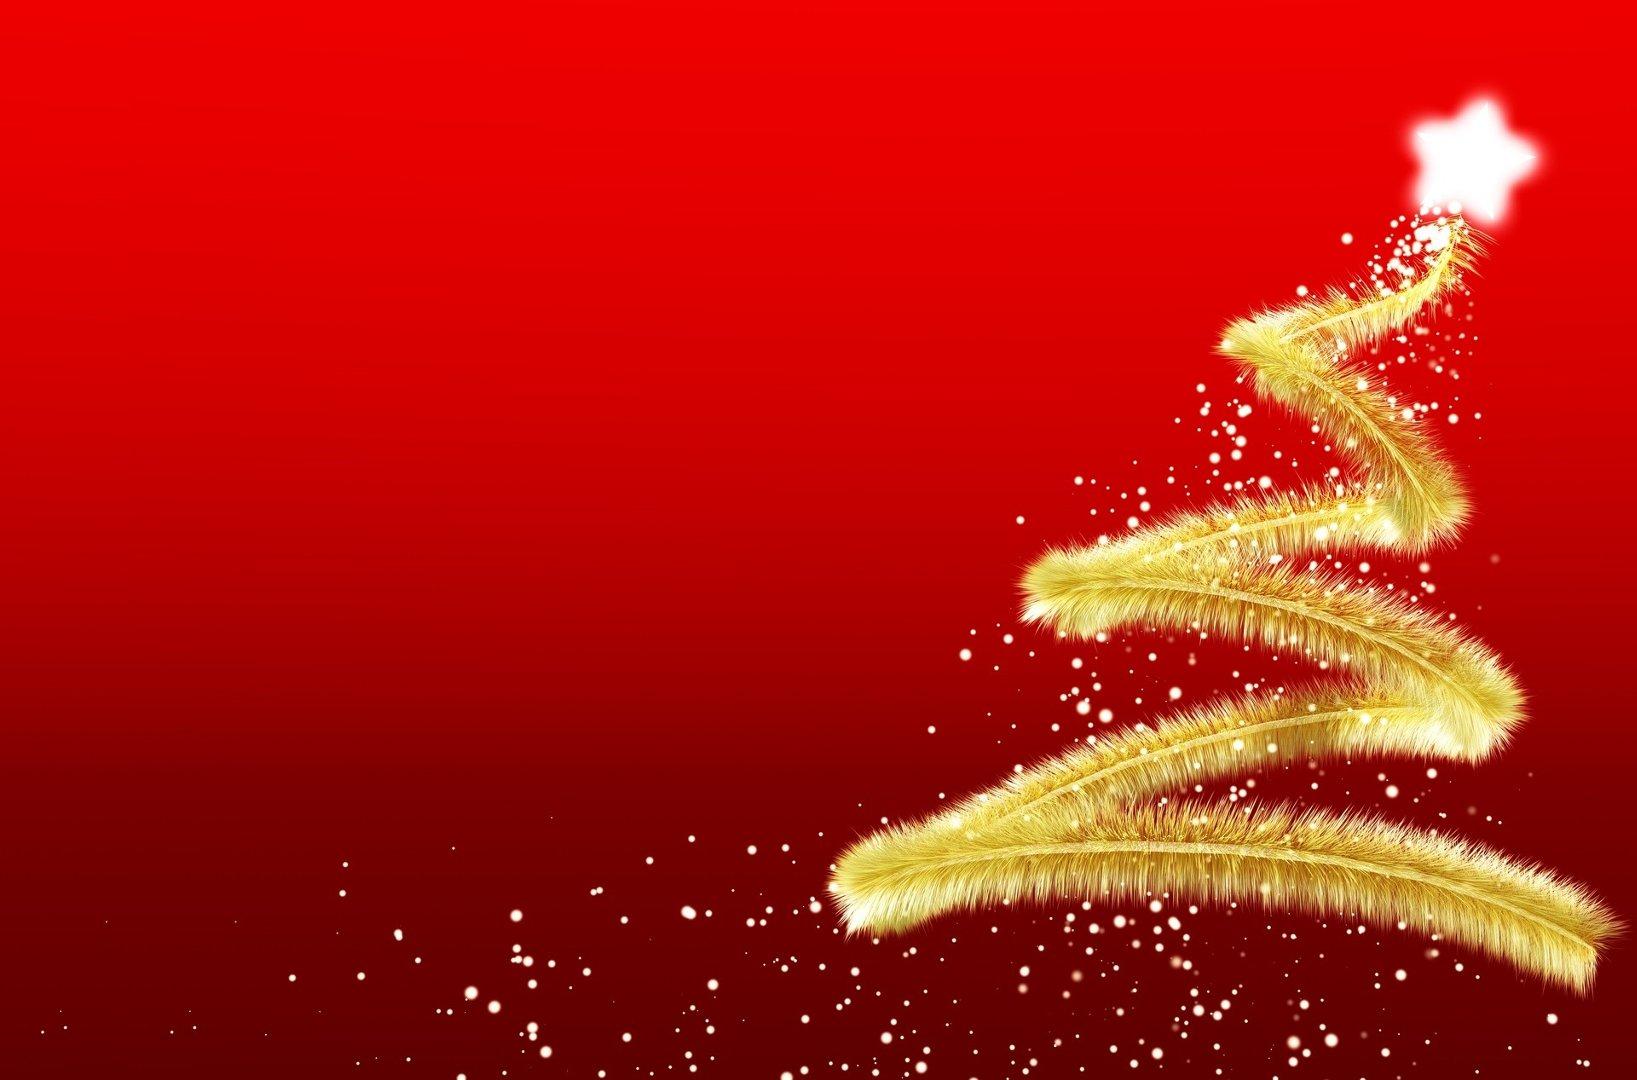 życzenia Bożonarodzeniowe Najpiękniejsze Wiersze Sms